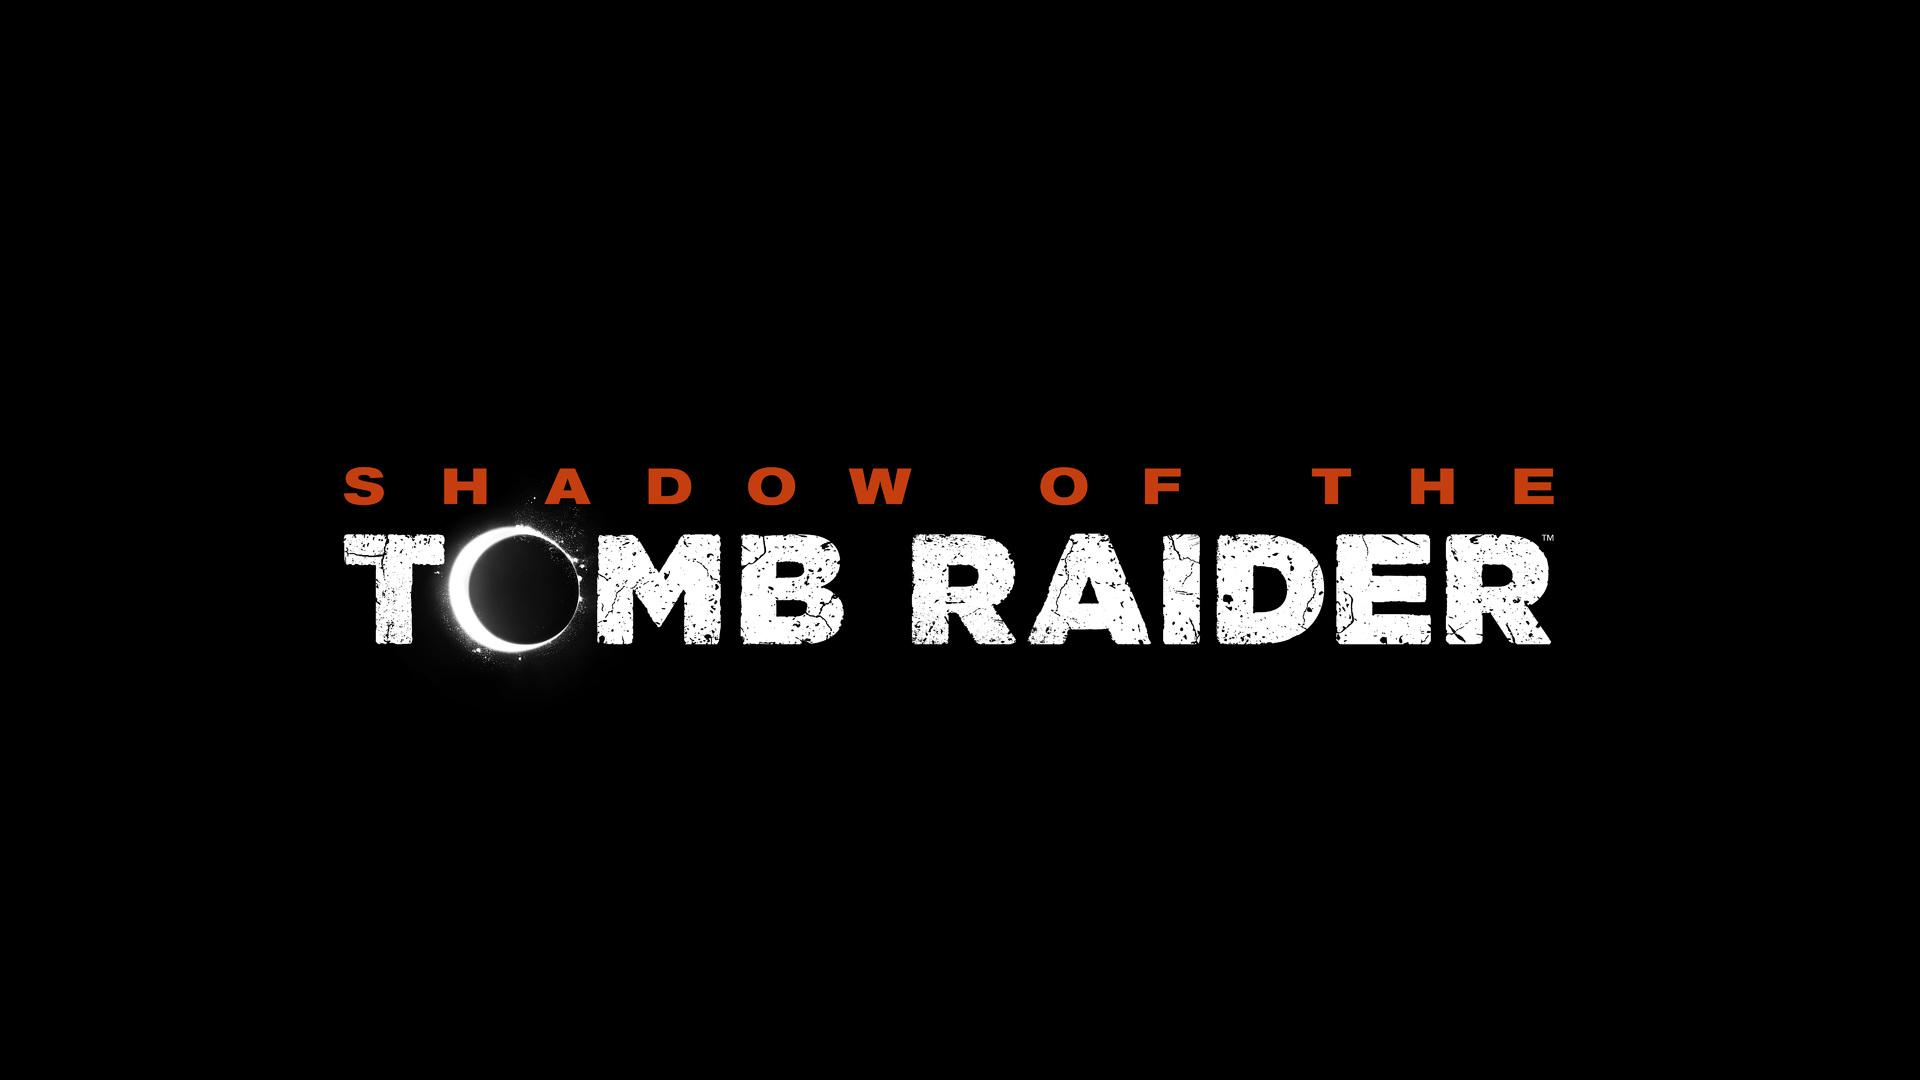 Eidos Montreal работает над Shadow of the Tomb Raider, игрой по «Мстителям» и неанонсированным AAA-проектом